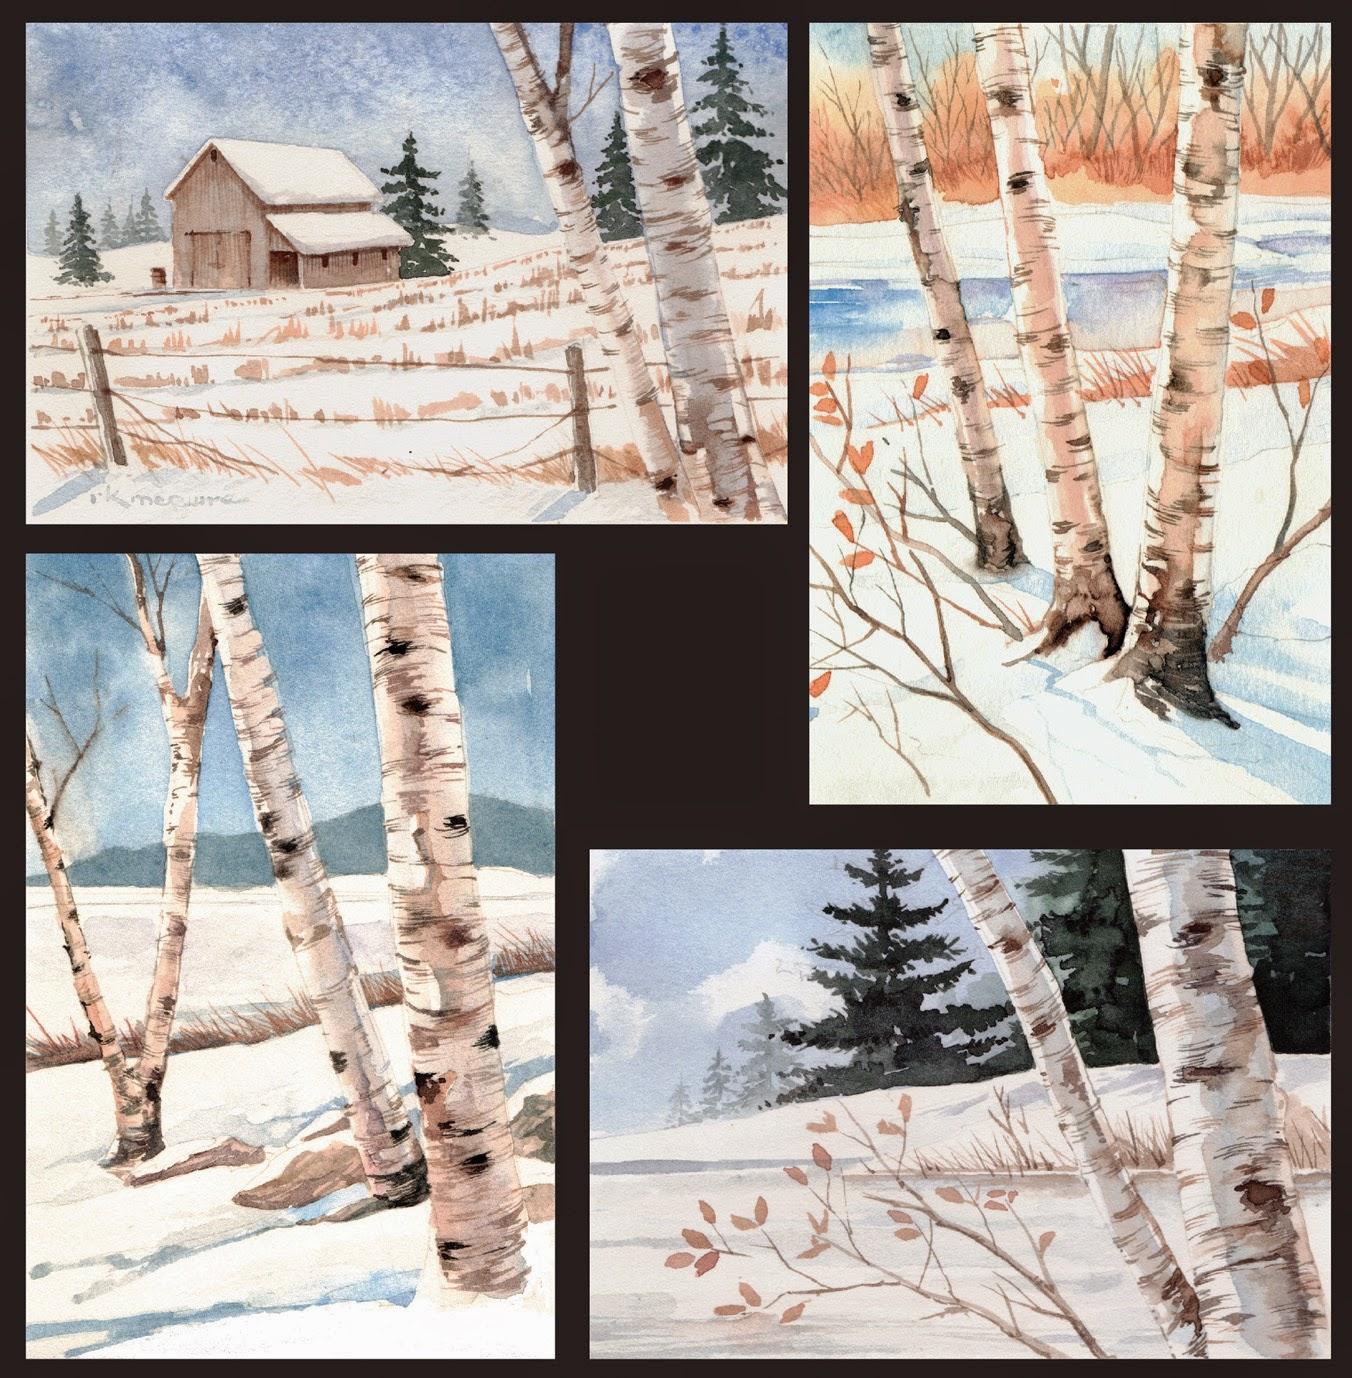 McGuire - Watercolor cards